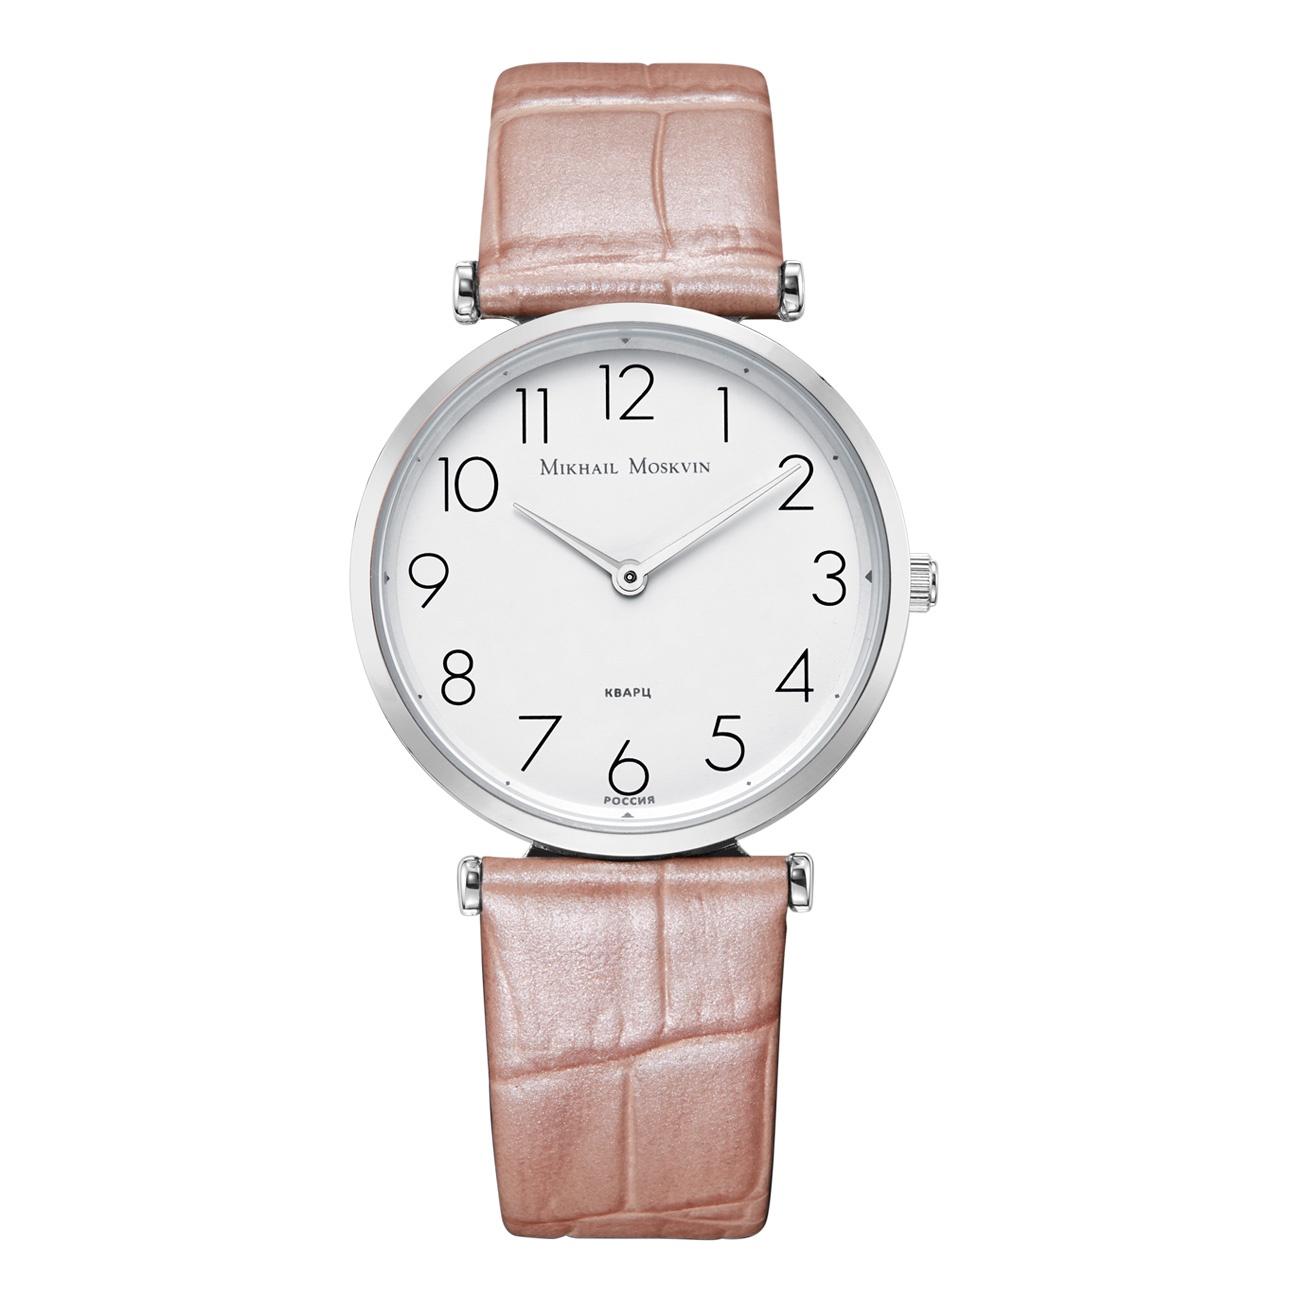 Часы Mikhail Moskvin, Mikhail Moskvin 1286A1L1-4, 1286A1L1-4 все цены